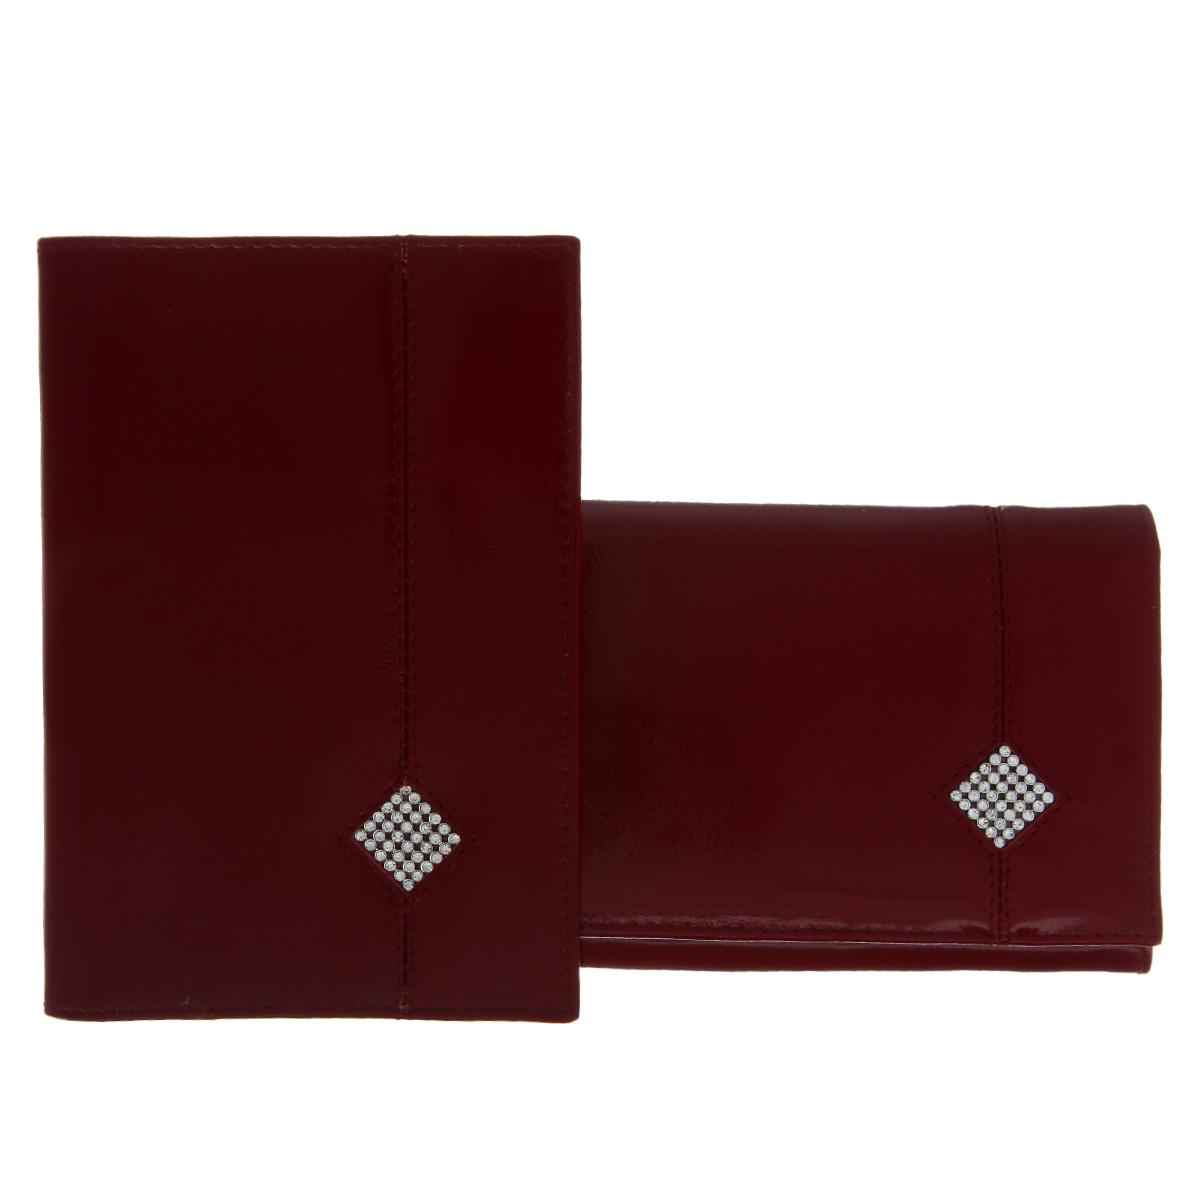 Подарочный набор Dimanche Гранат: обложка для паспорта, портмоне, цвет: бордовый. 200/70200/70Изысканный набор Dimanche Гранат состоит из обложки для паспорта и портмоне. Обе модели изготовлены из высококачественной натуральной кожи и украшены спереди декоративным элементом в форме ромба, исполненным из страз. Обложка для паспорта содержит два прозрачных пластиковых кармана, которые обеспечивают надежную фиксацию документа. Модель с внутренней стороны отделана атласным текстилем. Портмоне закрывается широким клапаном на кнопку. Внутри - три отделения для купюр, отсек для мелочи на застежке-молнии, два горизонтальных кармана для бумаг и чеков, восемь прорезей для визиток и кредитных карт (одна - с окошком из прозрачного пластика). Обратная сторона изделия дополнена открытым карманом. Оба изделия упакованы в стильные подарочные коробки. Роскошный набор Dimanche Гранат подчеркнет вашу индивидуальность и безупречный вкус, а также станет замечательным подарком человеку, ценящему качественные и практичные вещи.